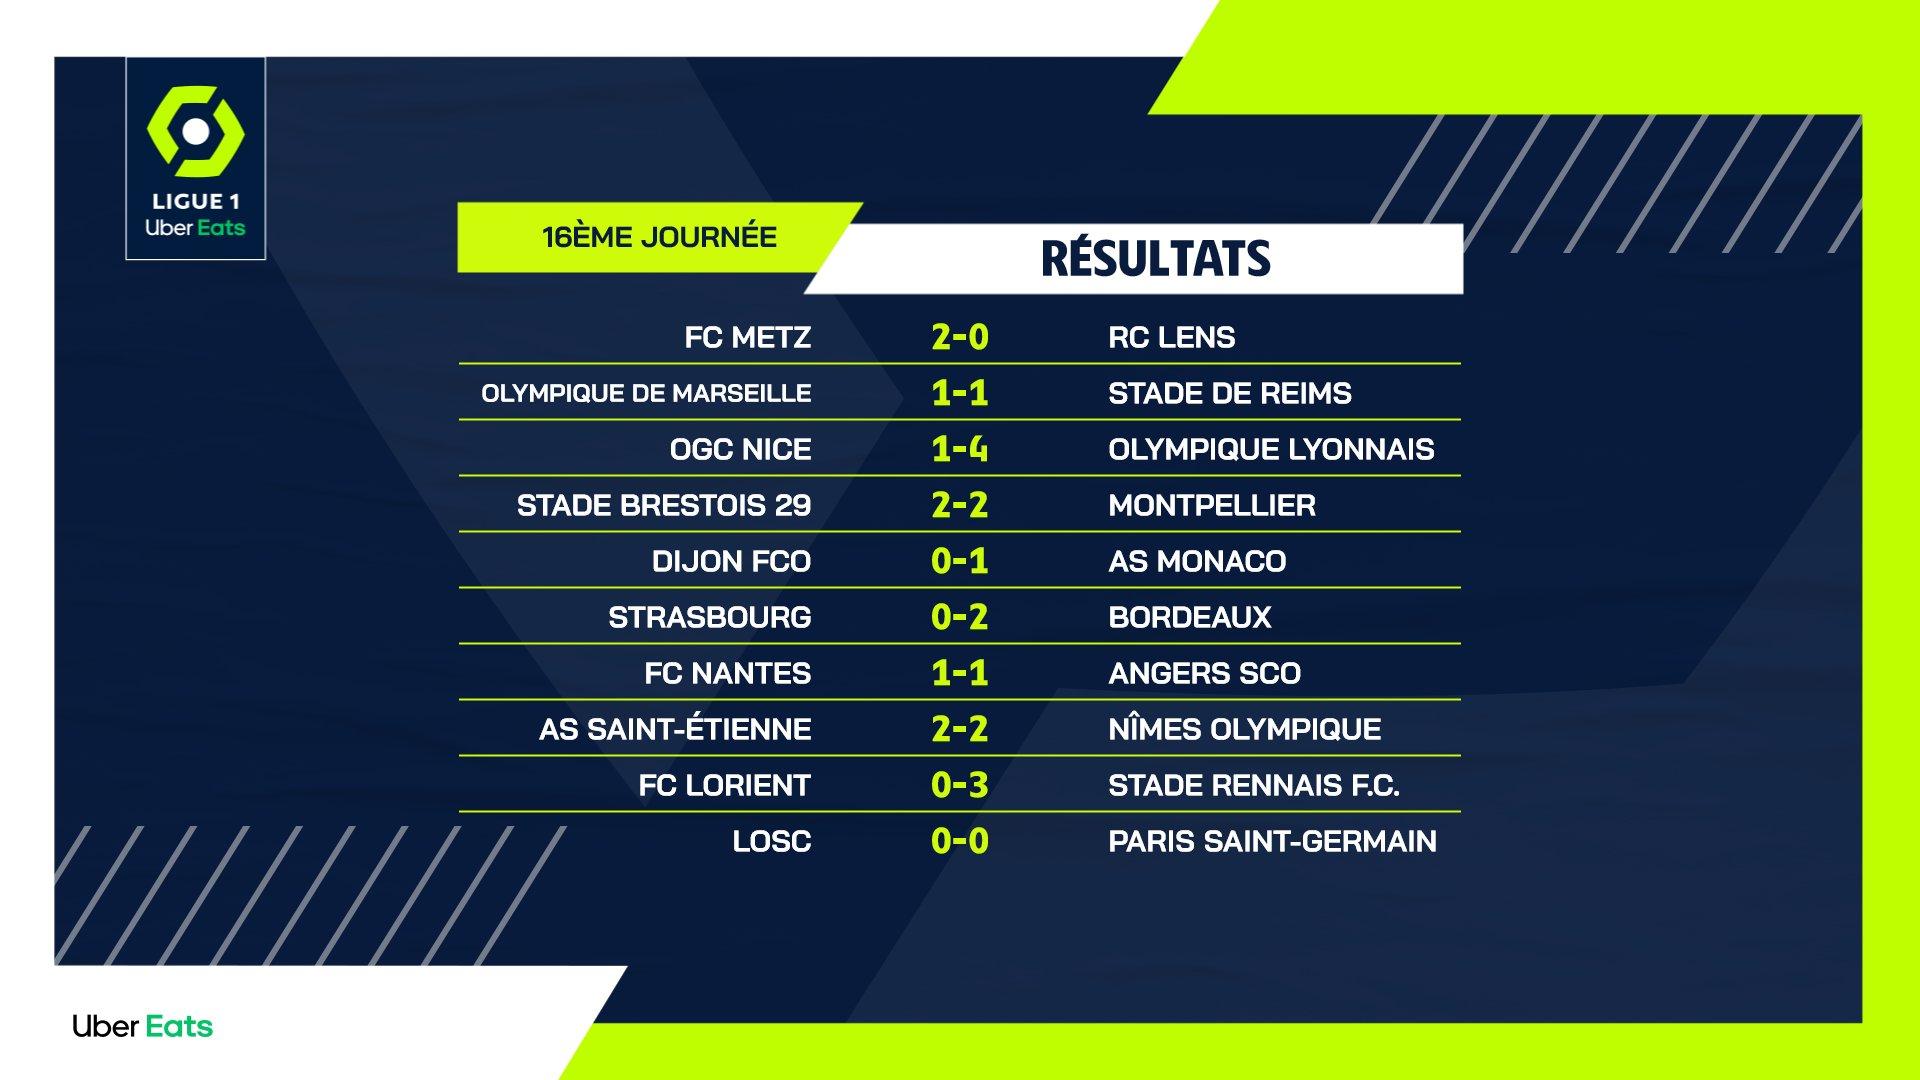 الدوري_الفرنسي نتائج الجولة ترتيب العام